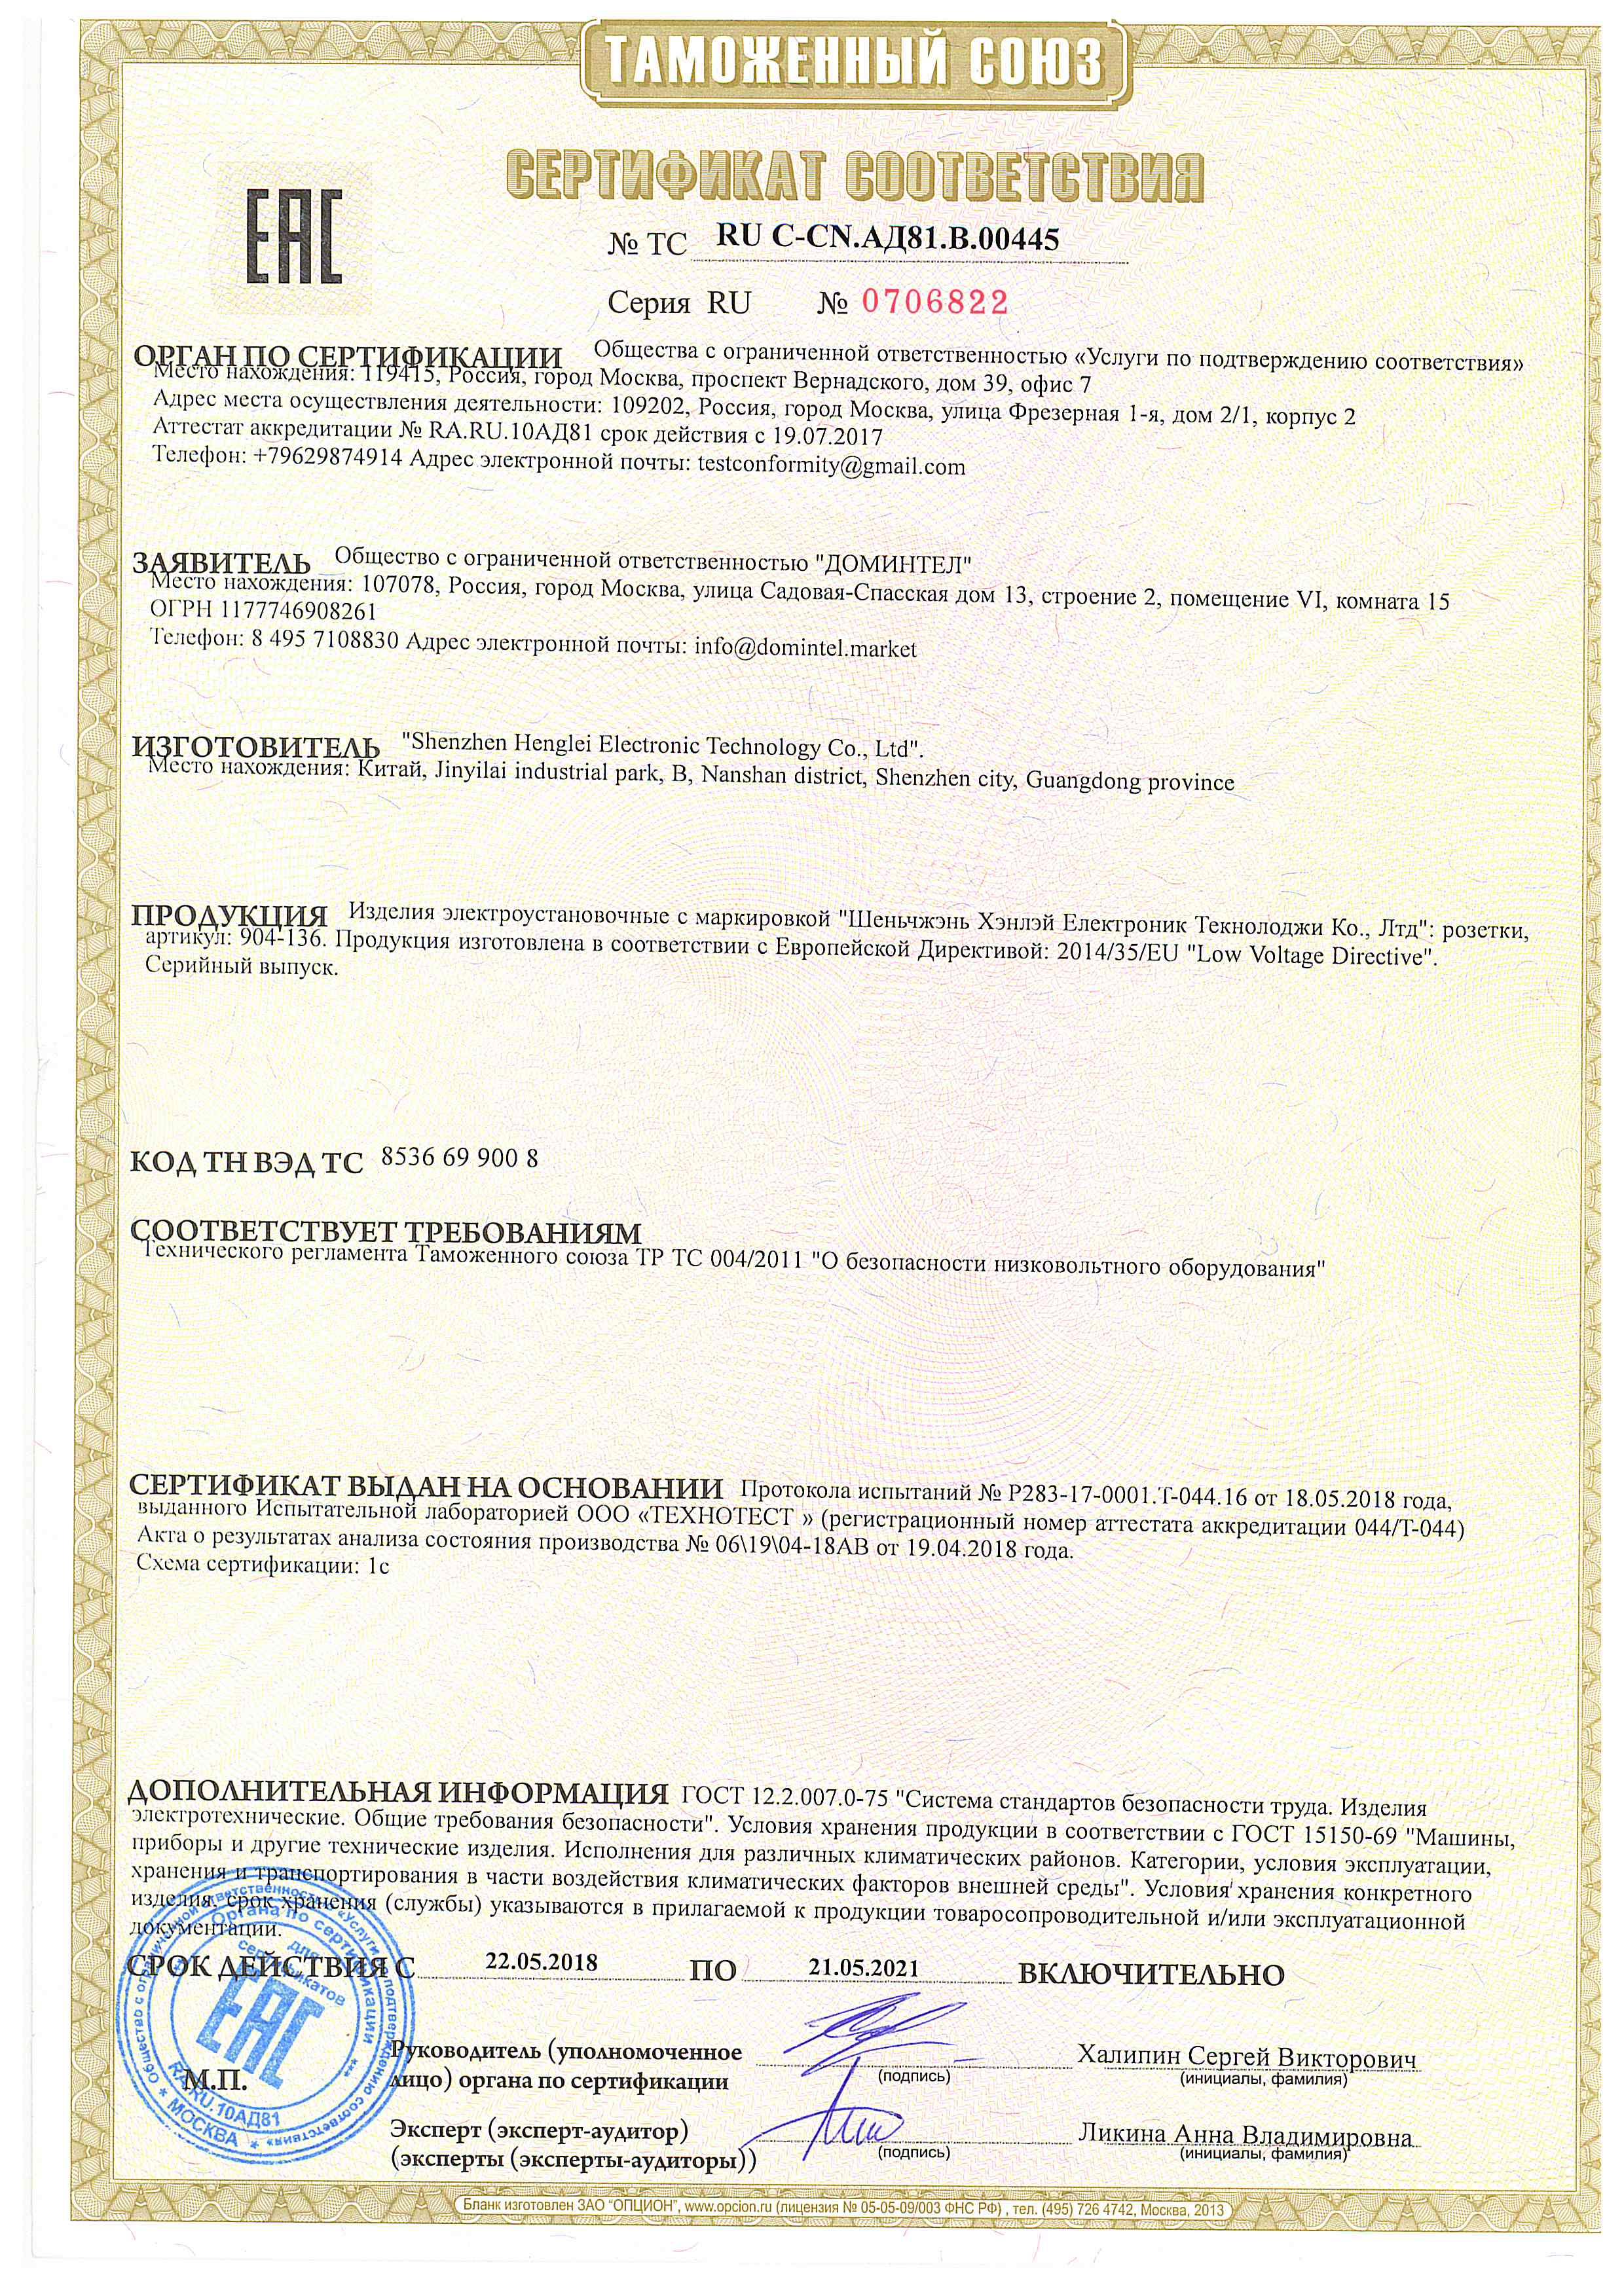 RUS-CN.AD81.V.00445.jpg